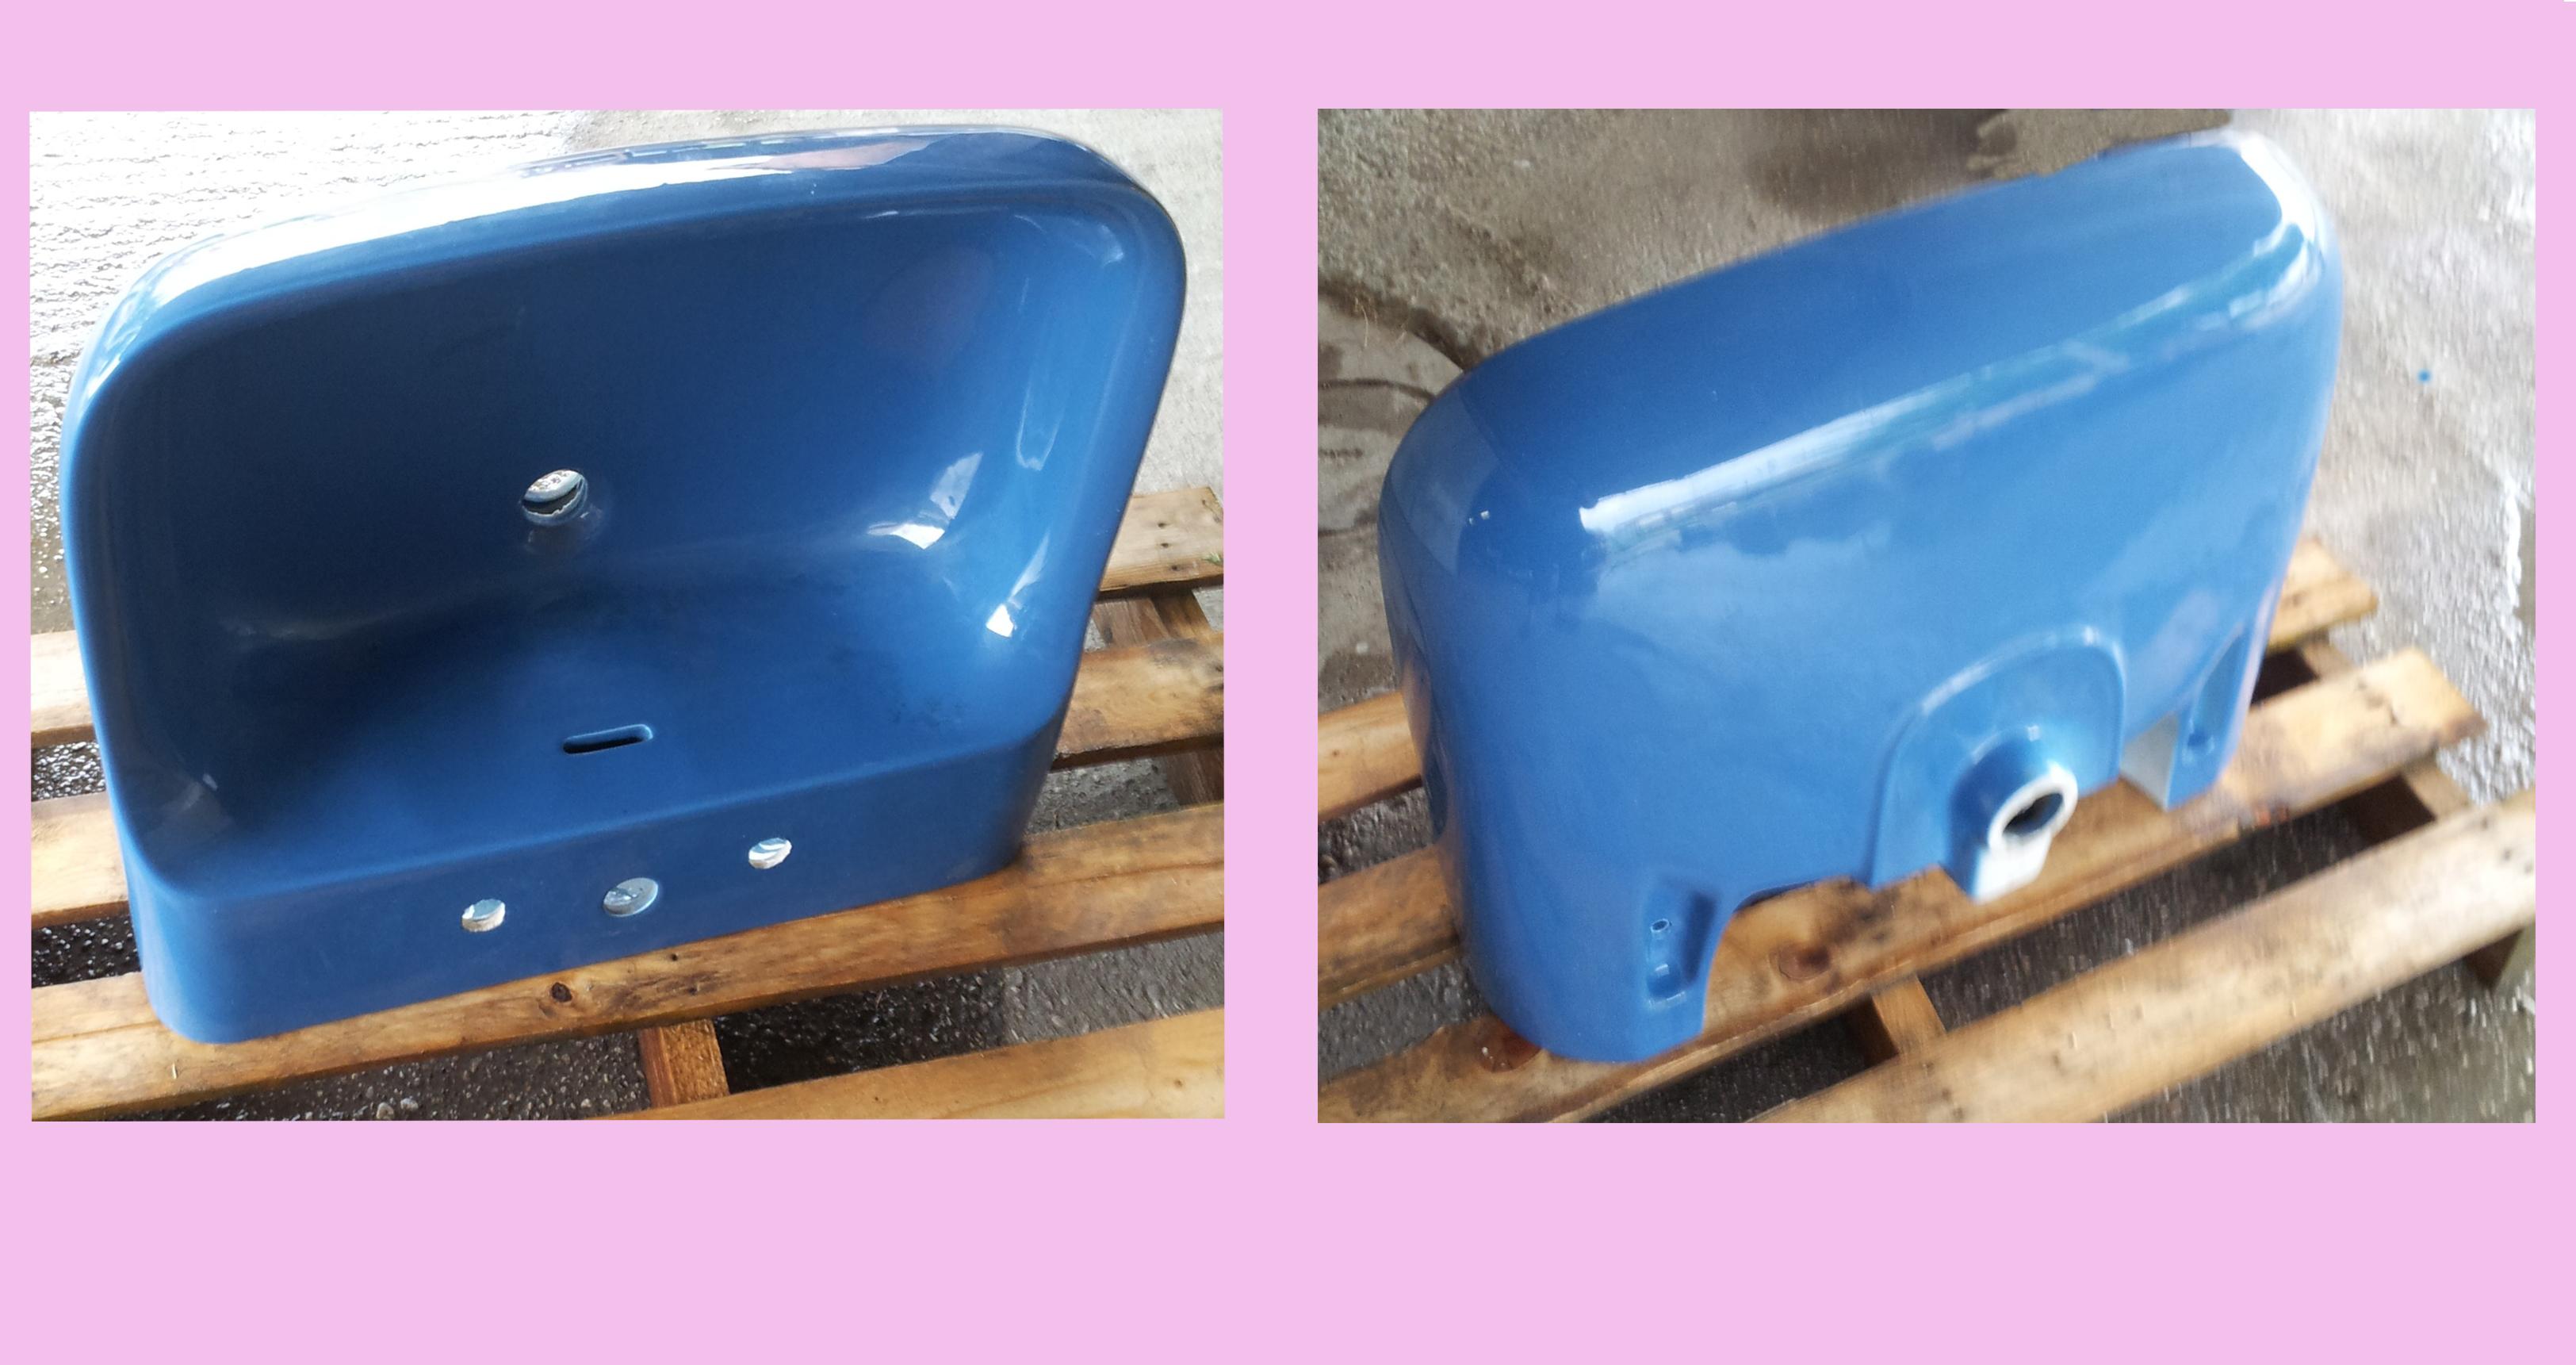 Lavabo marca Ideal Standard , modello Conca, color blu fondale a tre fori